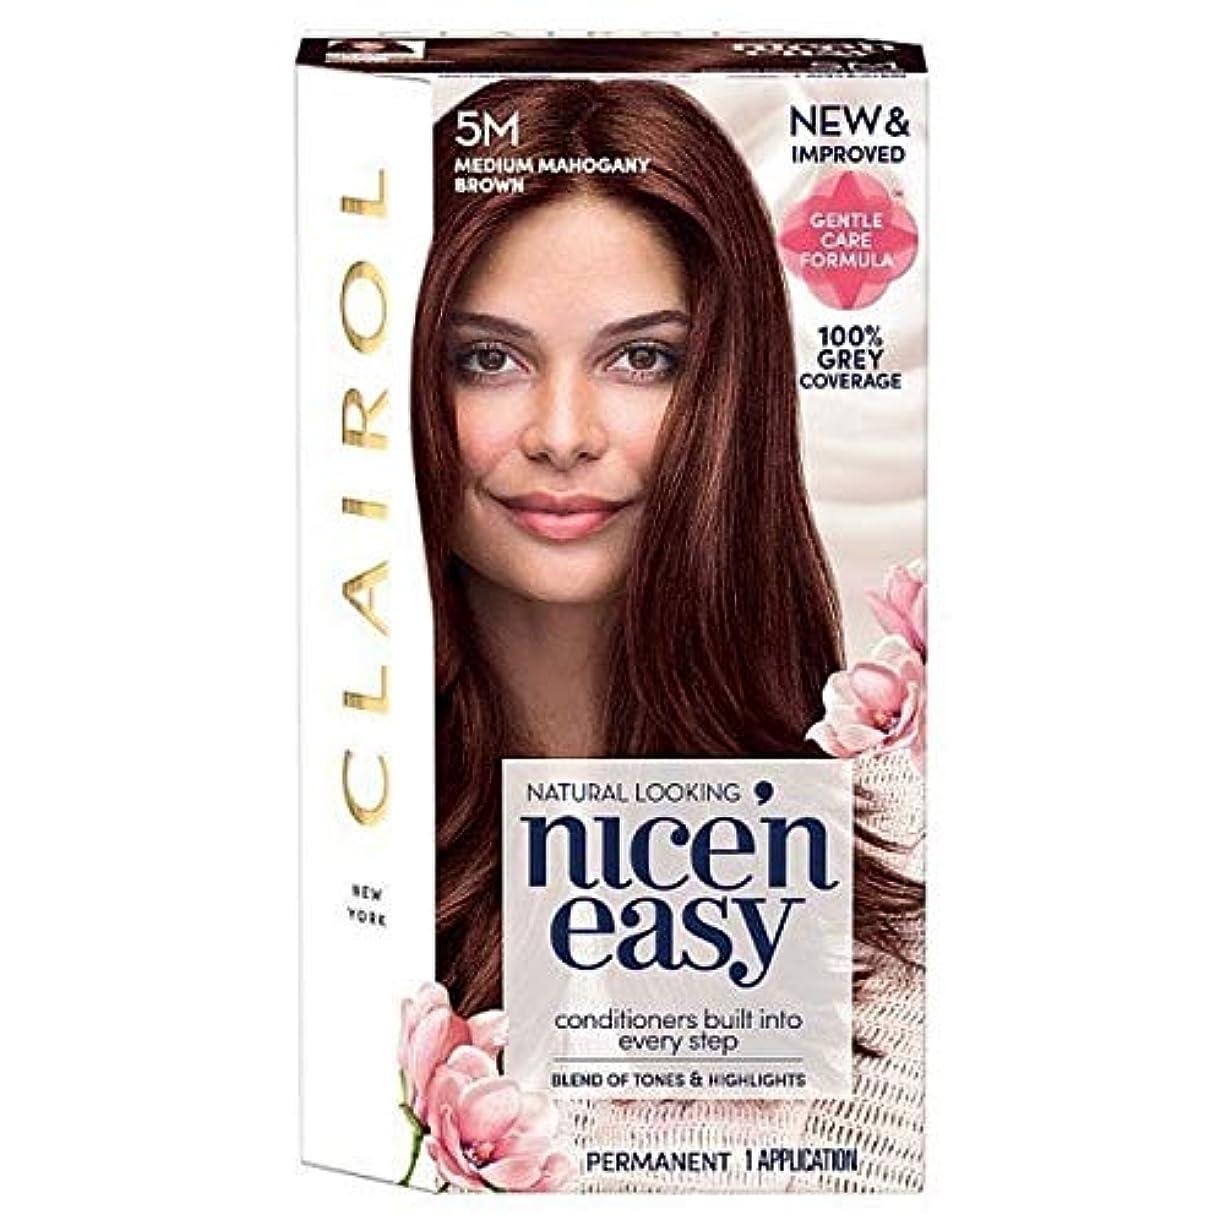 トレーニング腐食するエジプト人[Nice'n Easy] 簡単に5メートルメディアマホガニーブラウンNice'N - Nice'n Easy 5M Medium Mahogany Brown [並行輸入品]